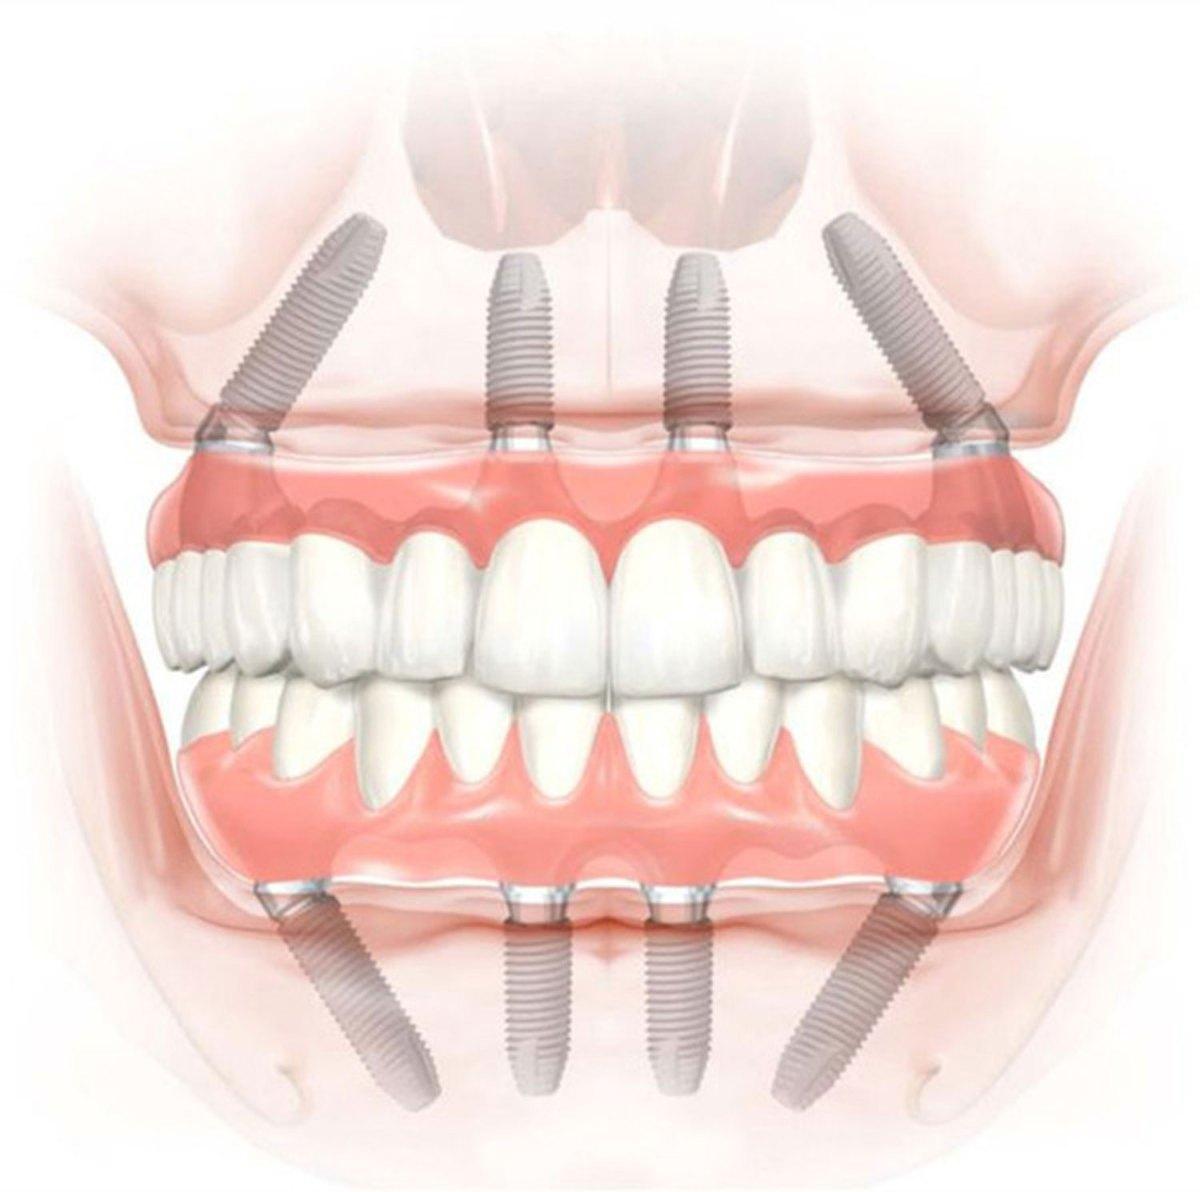 Implants-1500xx-SD-1.jpg?fit=1200%2C1192&ssl=1